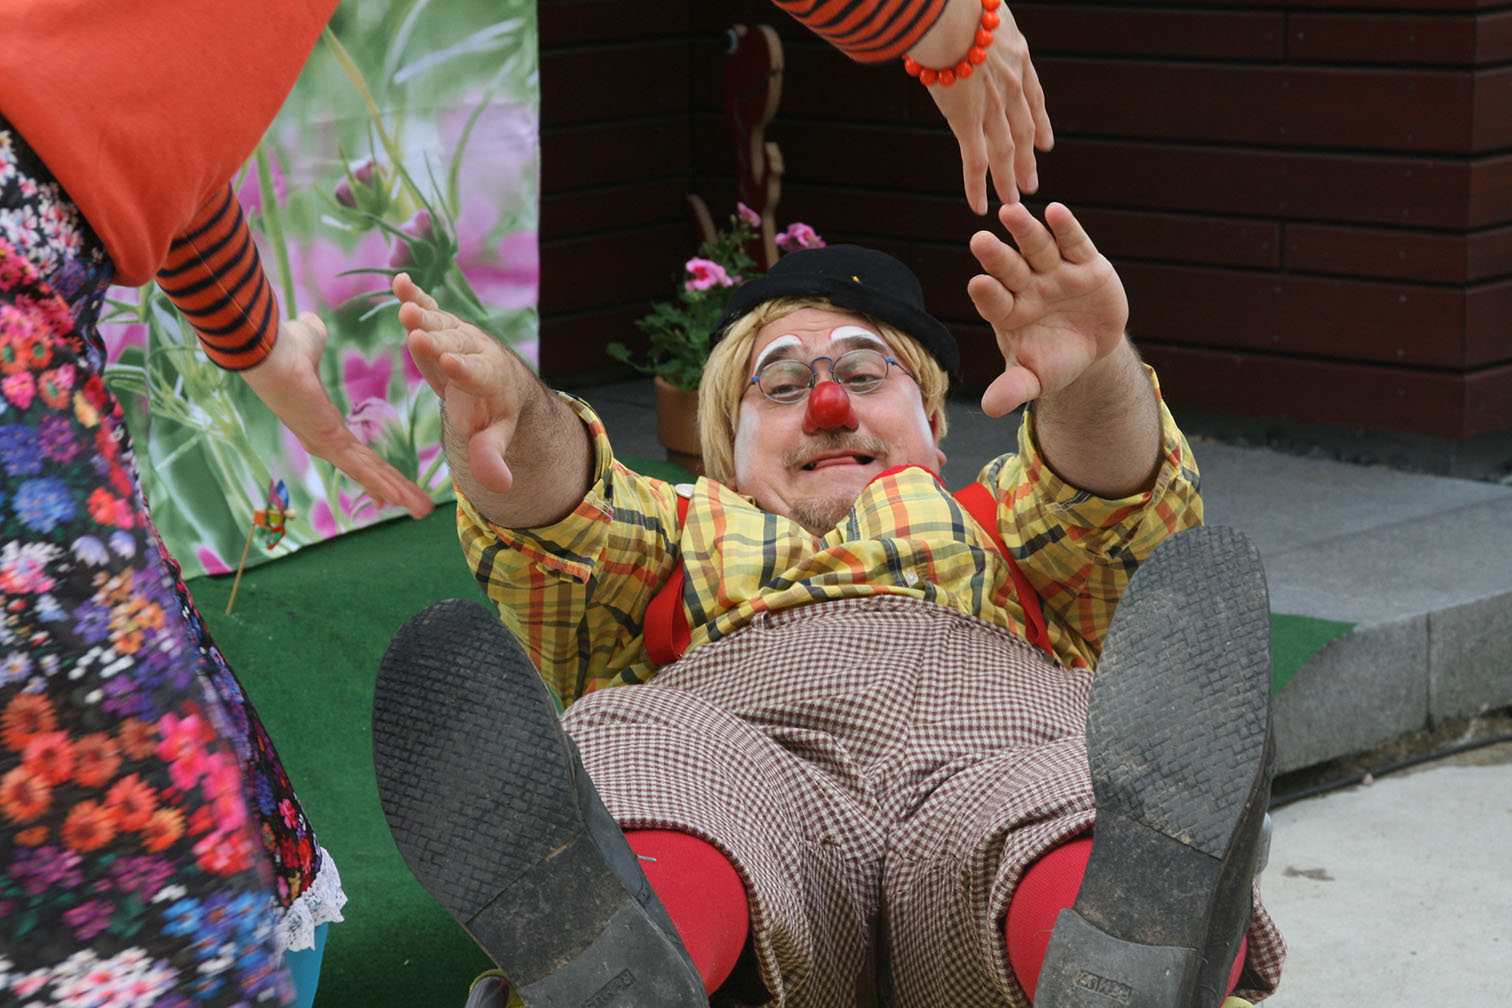 Clown Tomtom versucht aufzustehen